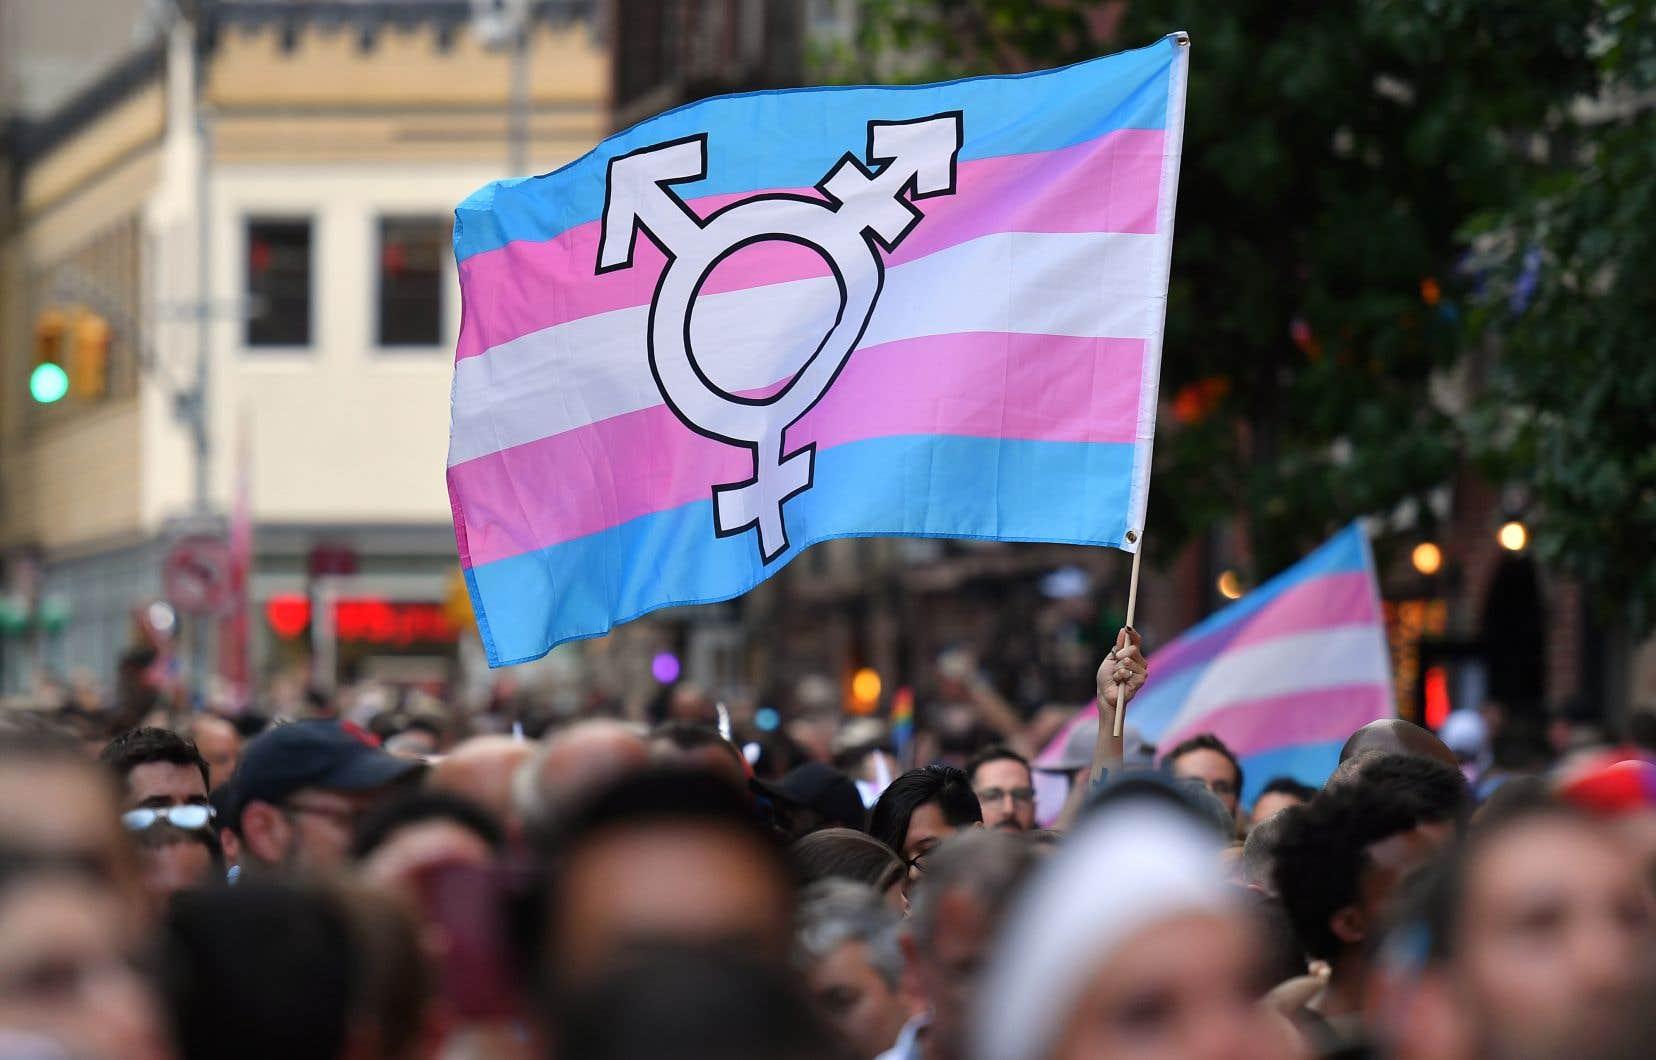 PDF Québec ne légitimise pas les actes transphobes, elle les condamne. Nous demandons le même respect de la part des défenseurs des droits des personnes transgenres, écrivent les auteurs.